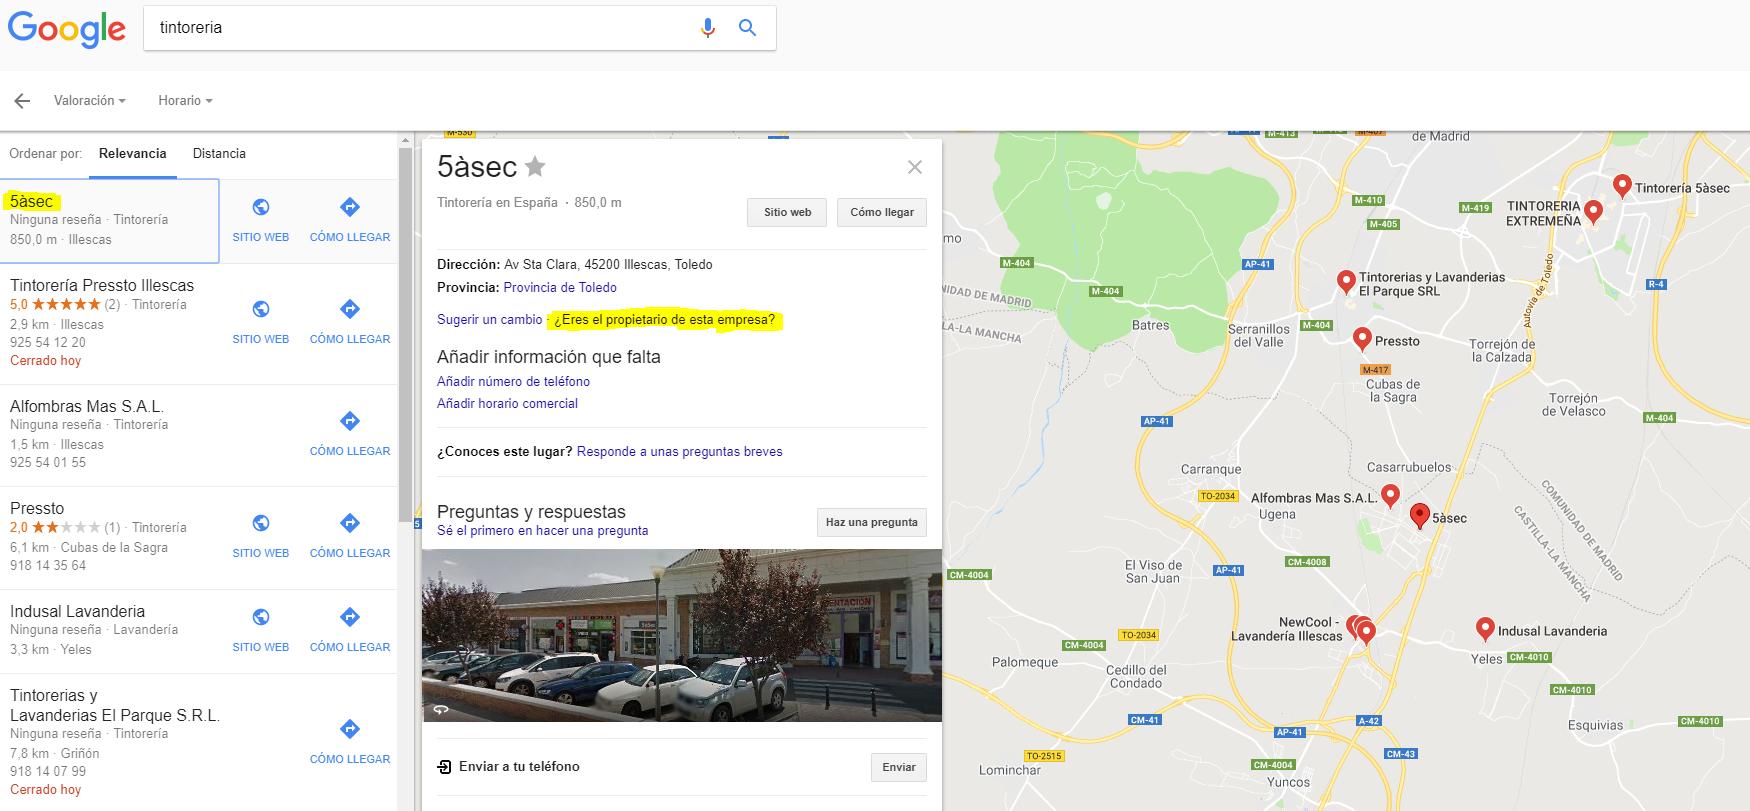 Verificar una empresa en Google Maps